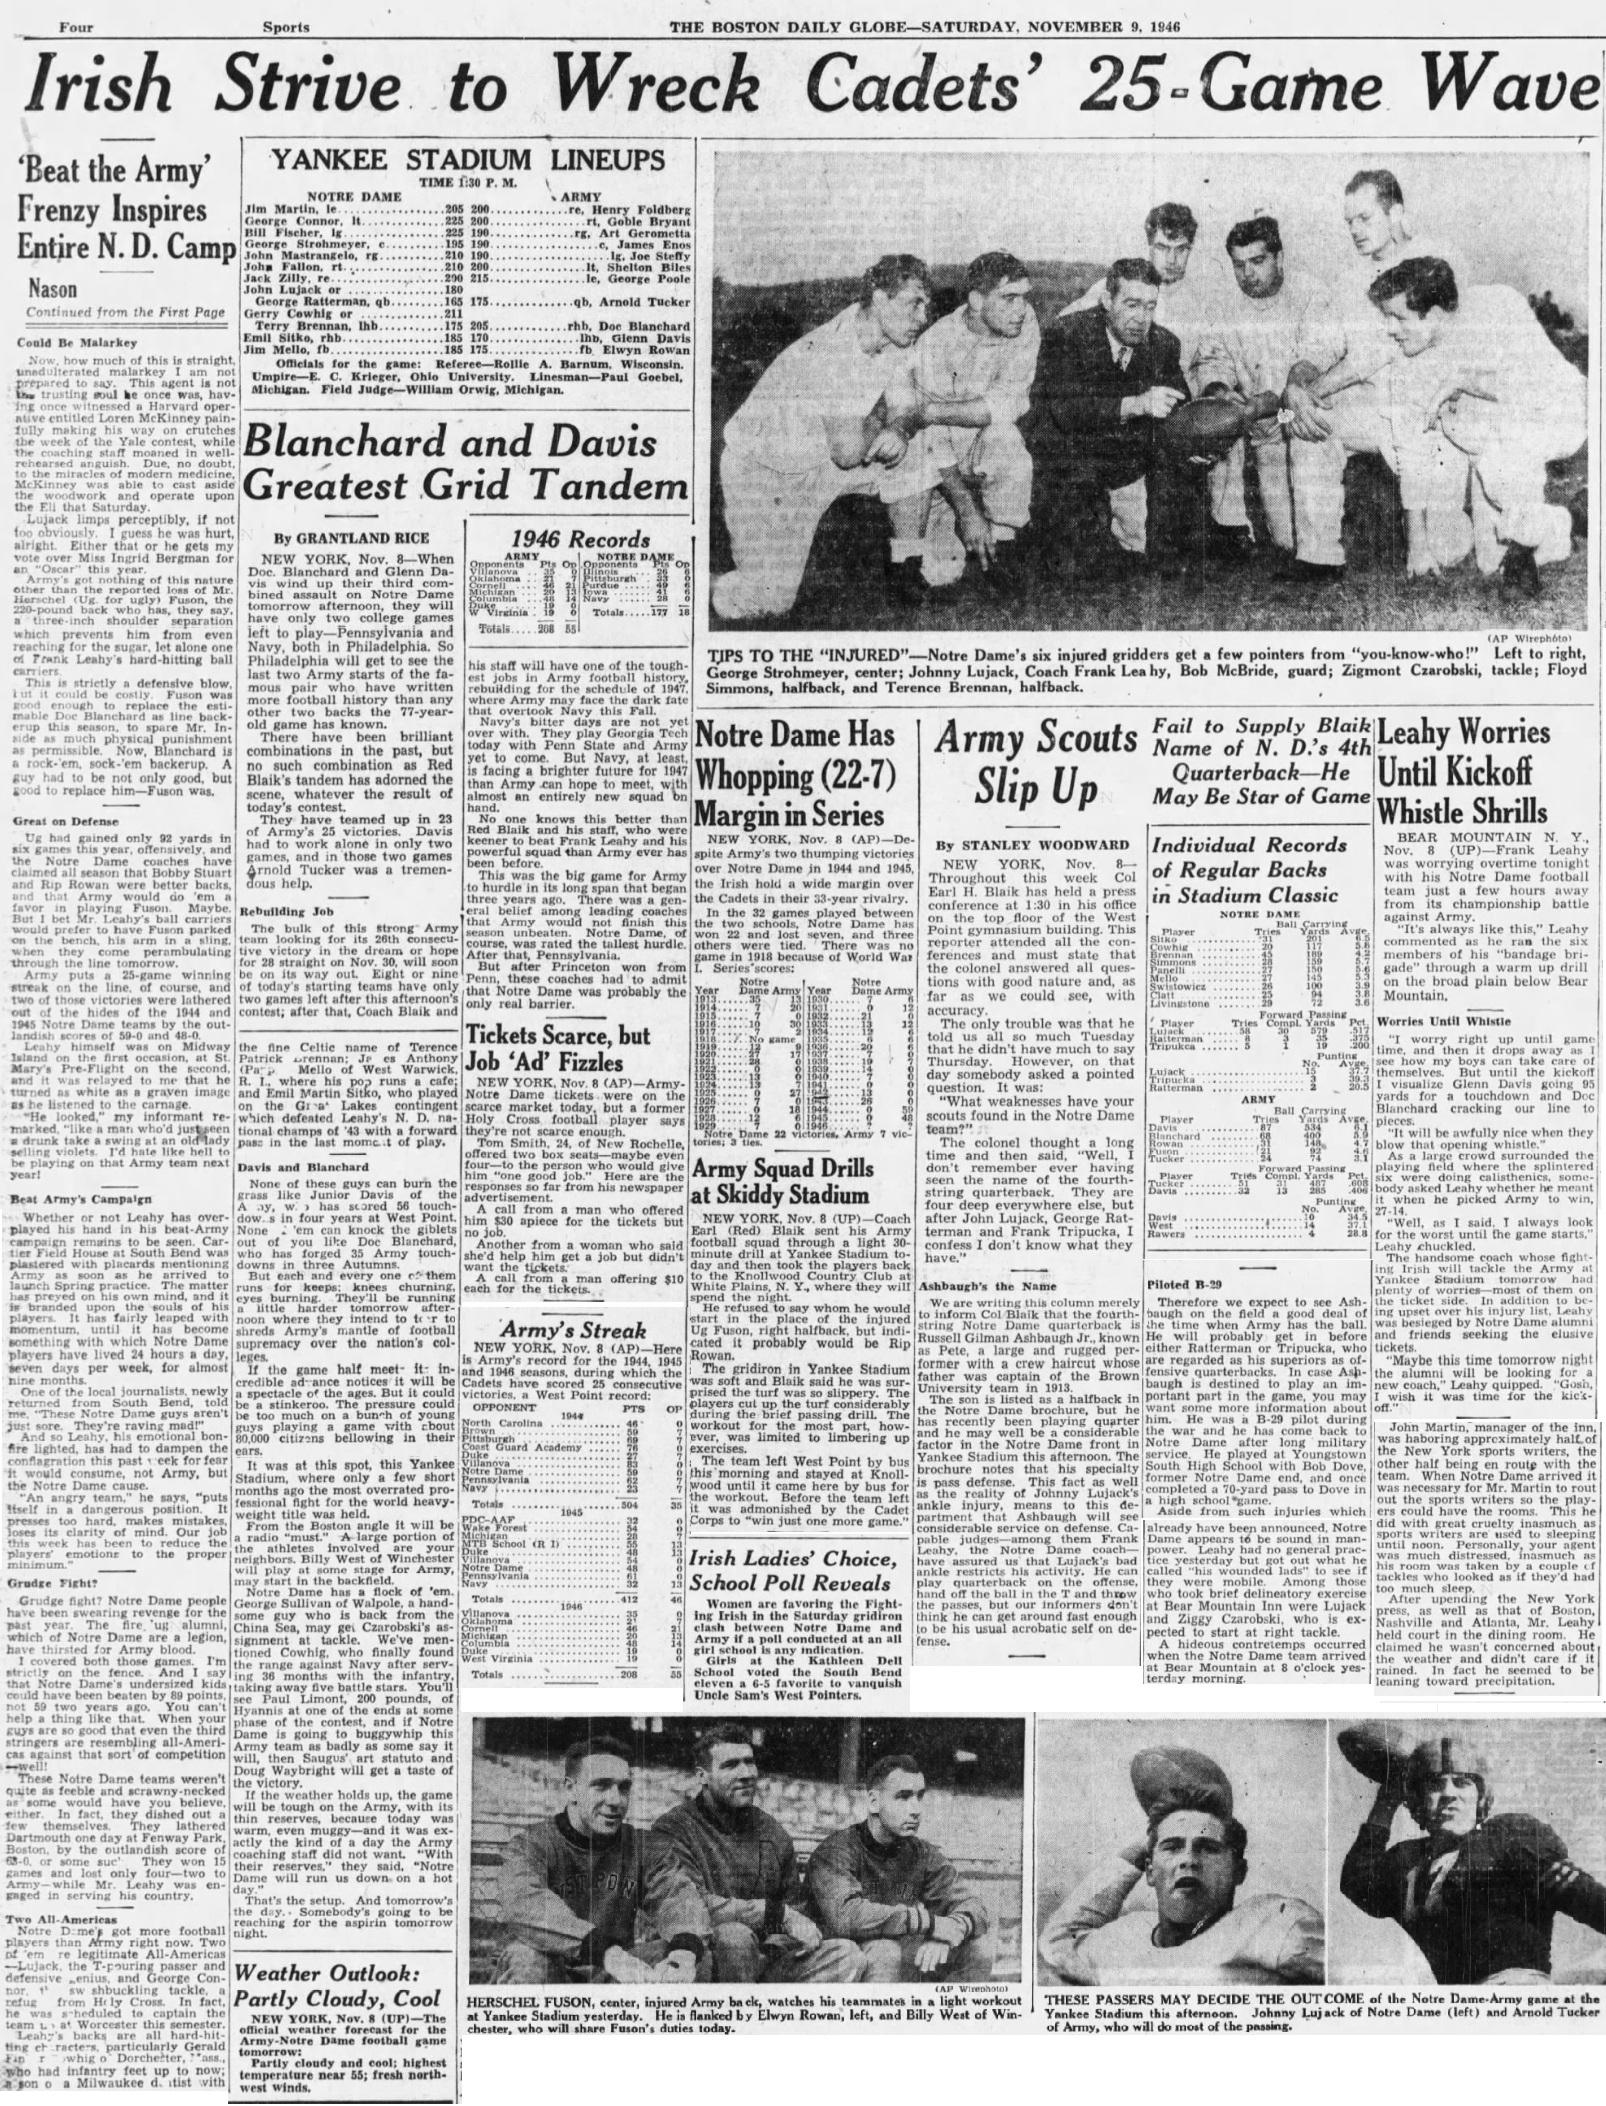 ArmyFB_1946_vsNotreDame_pre-game_BostonGlobe_Nov91946